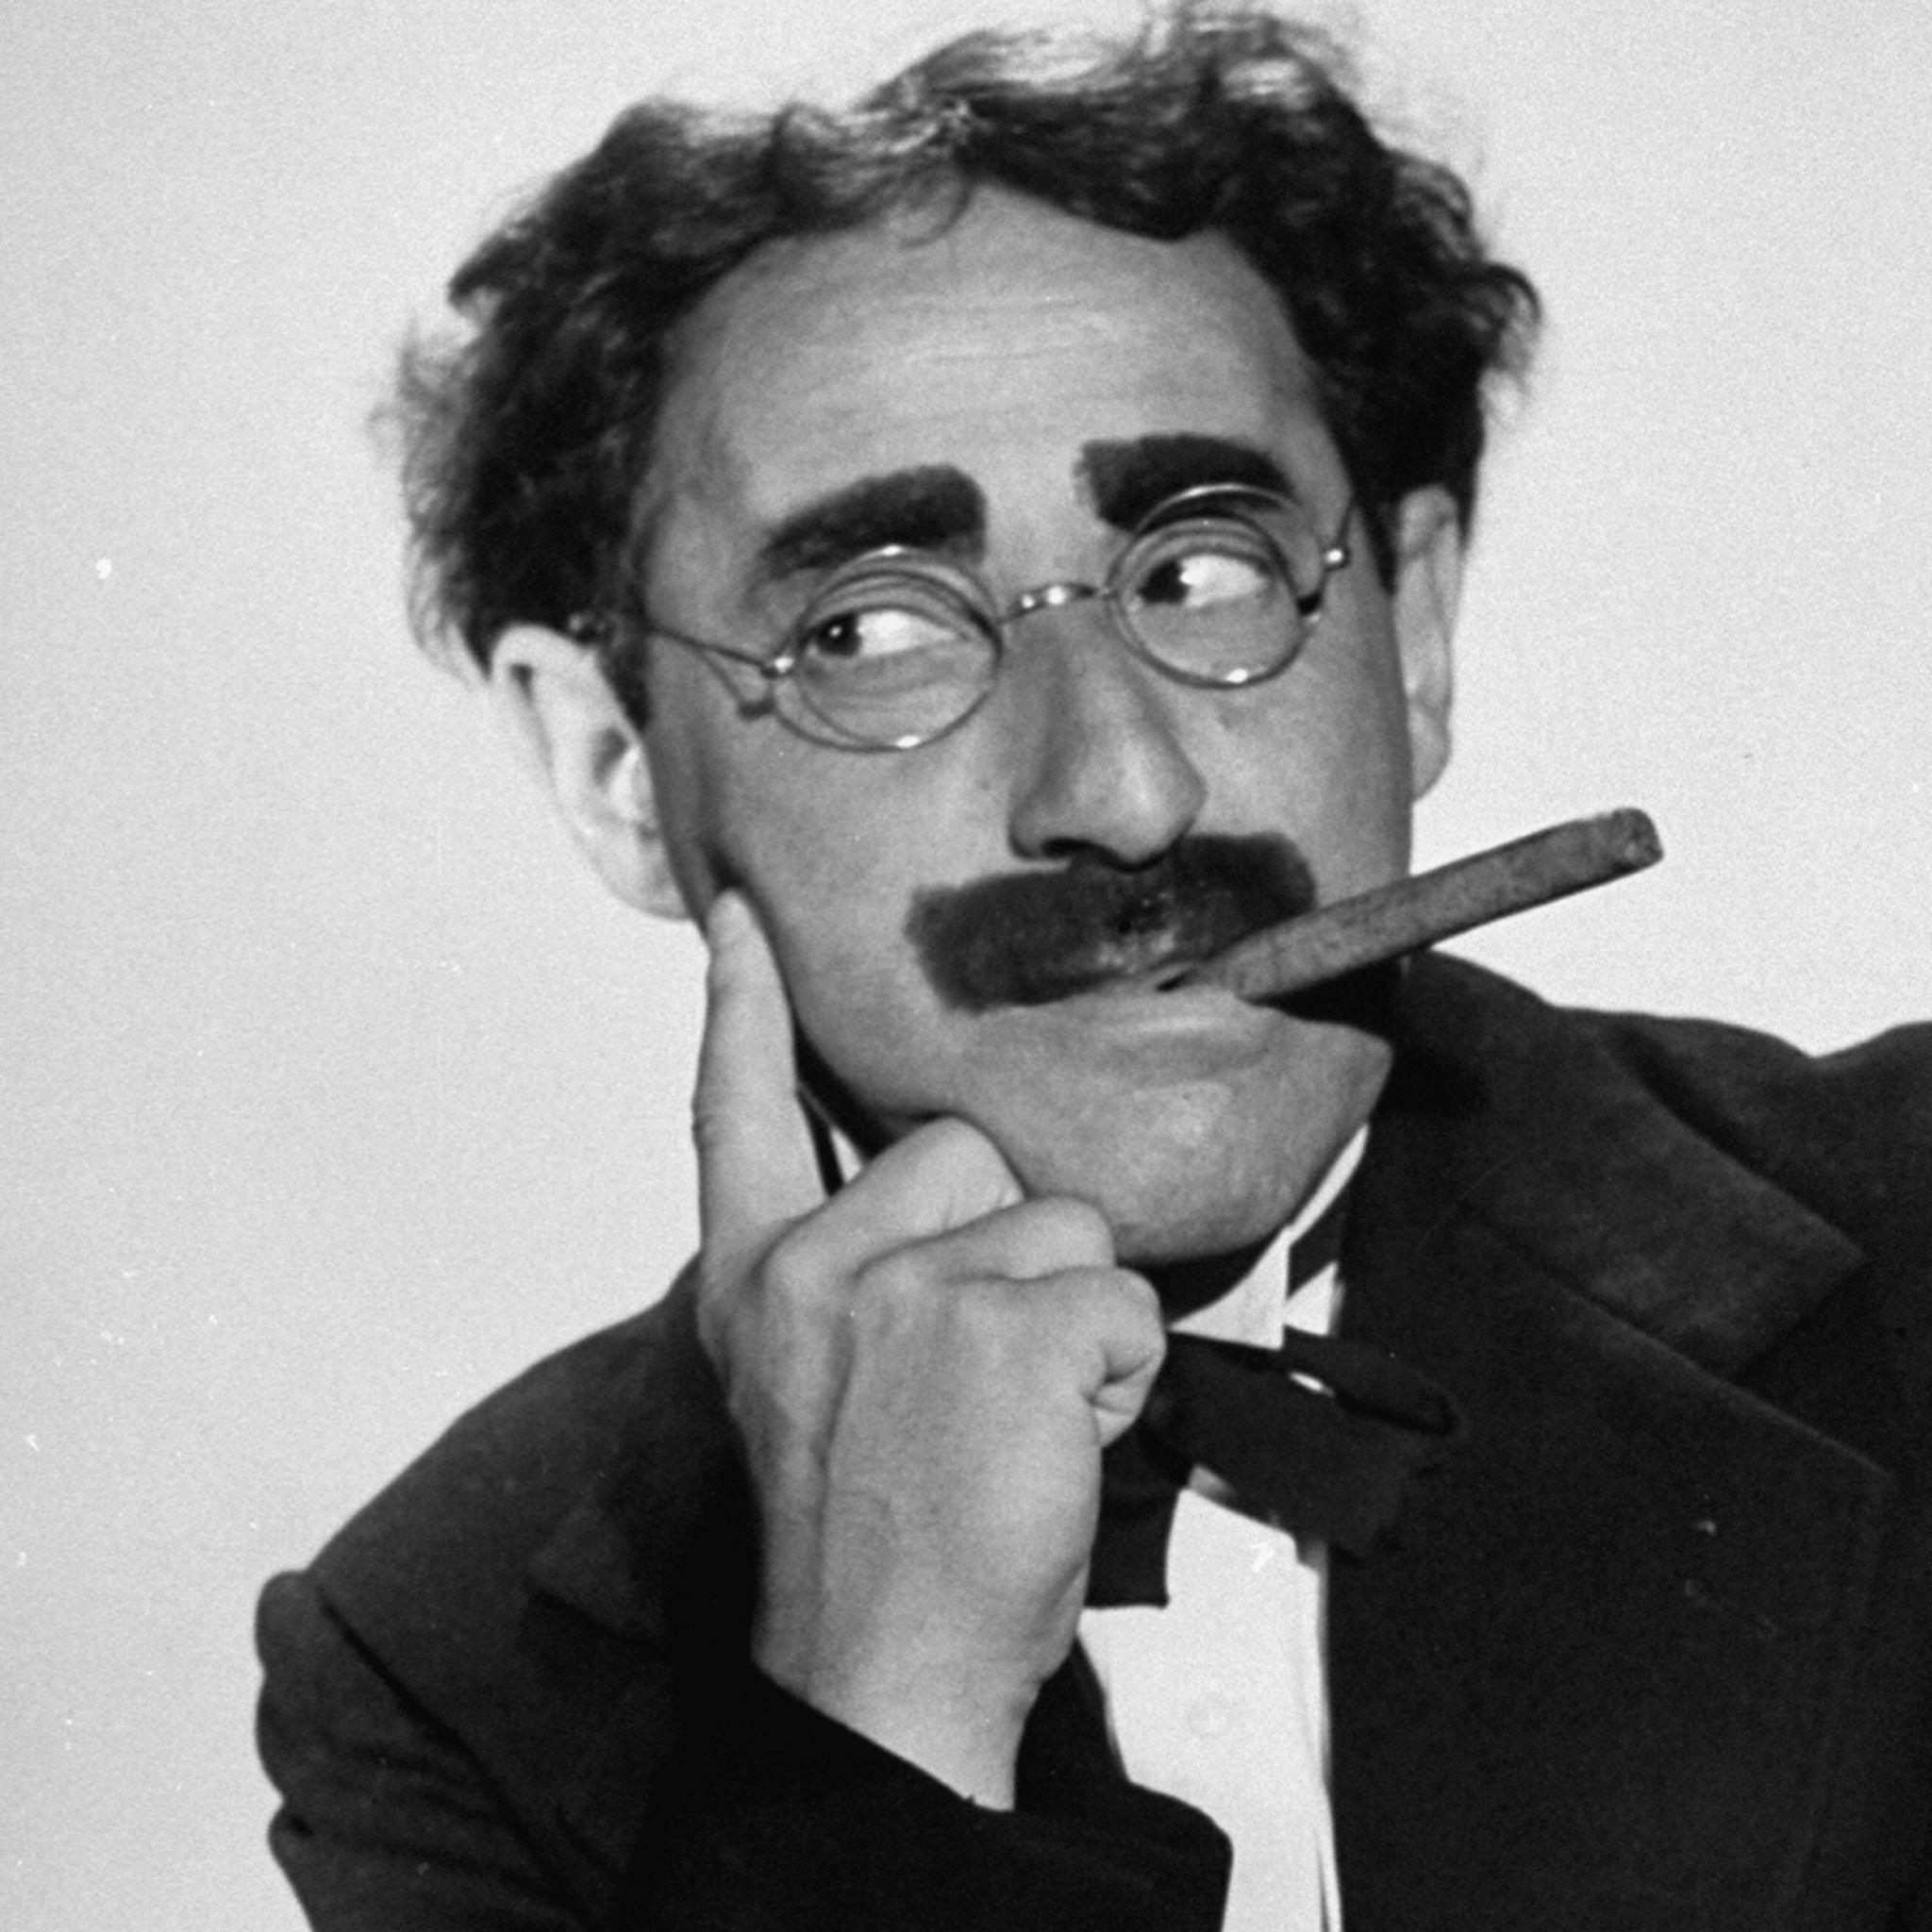 Groucho Marx animated